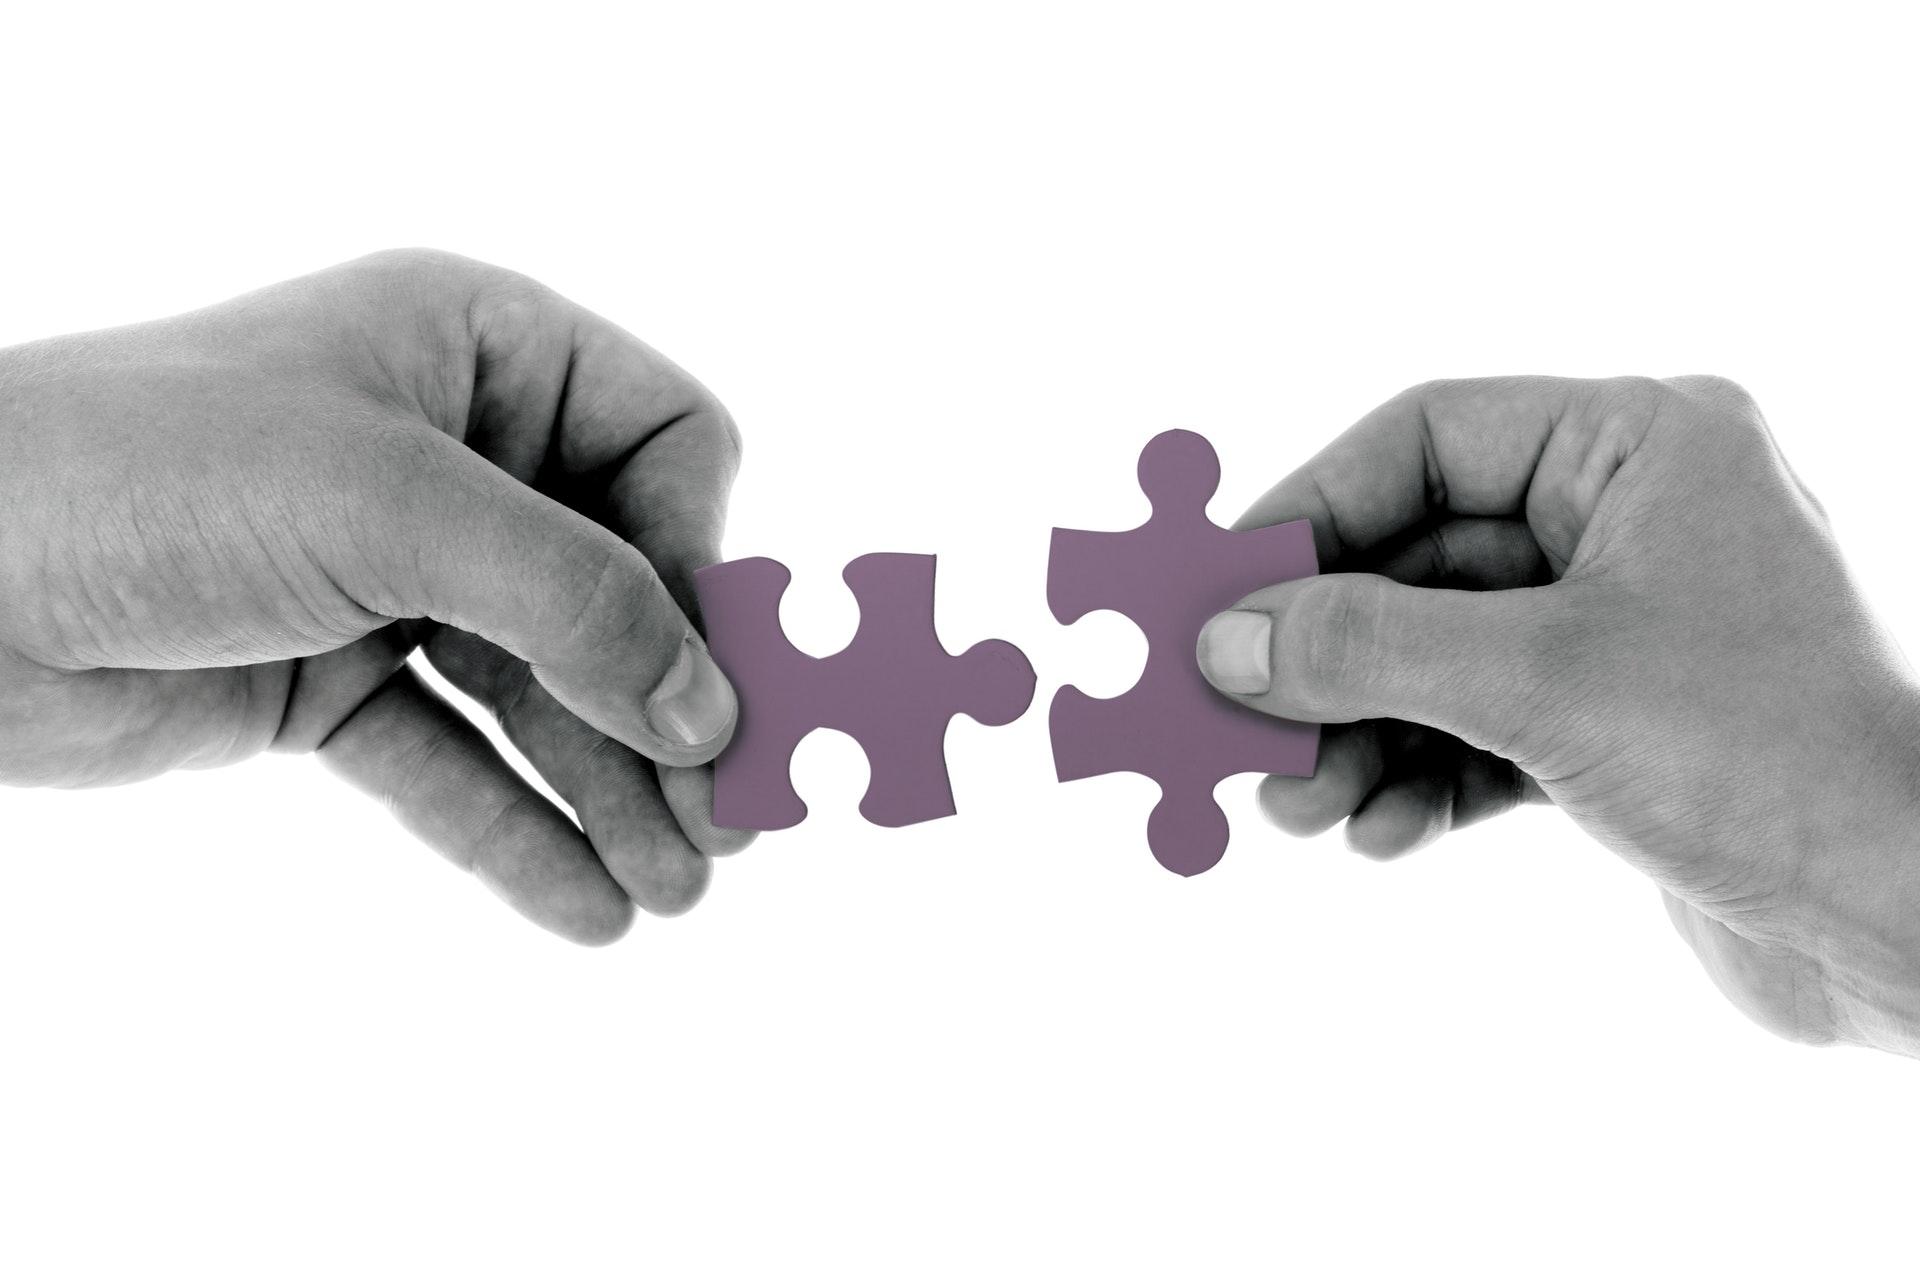 Puzzle Pieces, Austin Texas Web Developer Web Designer